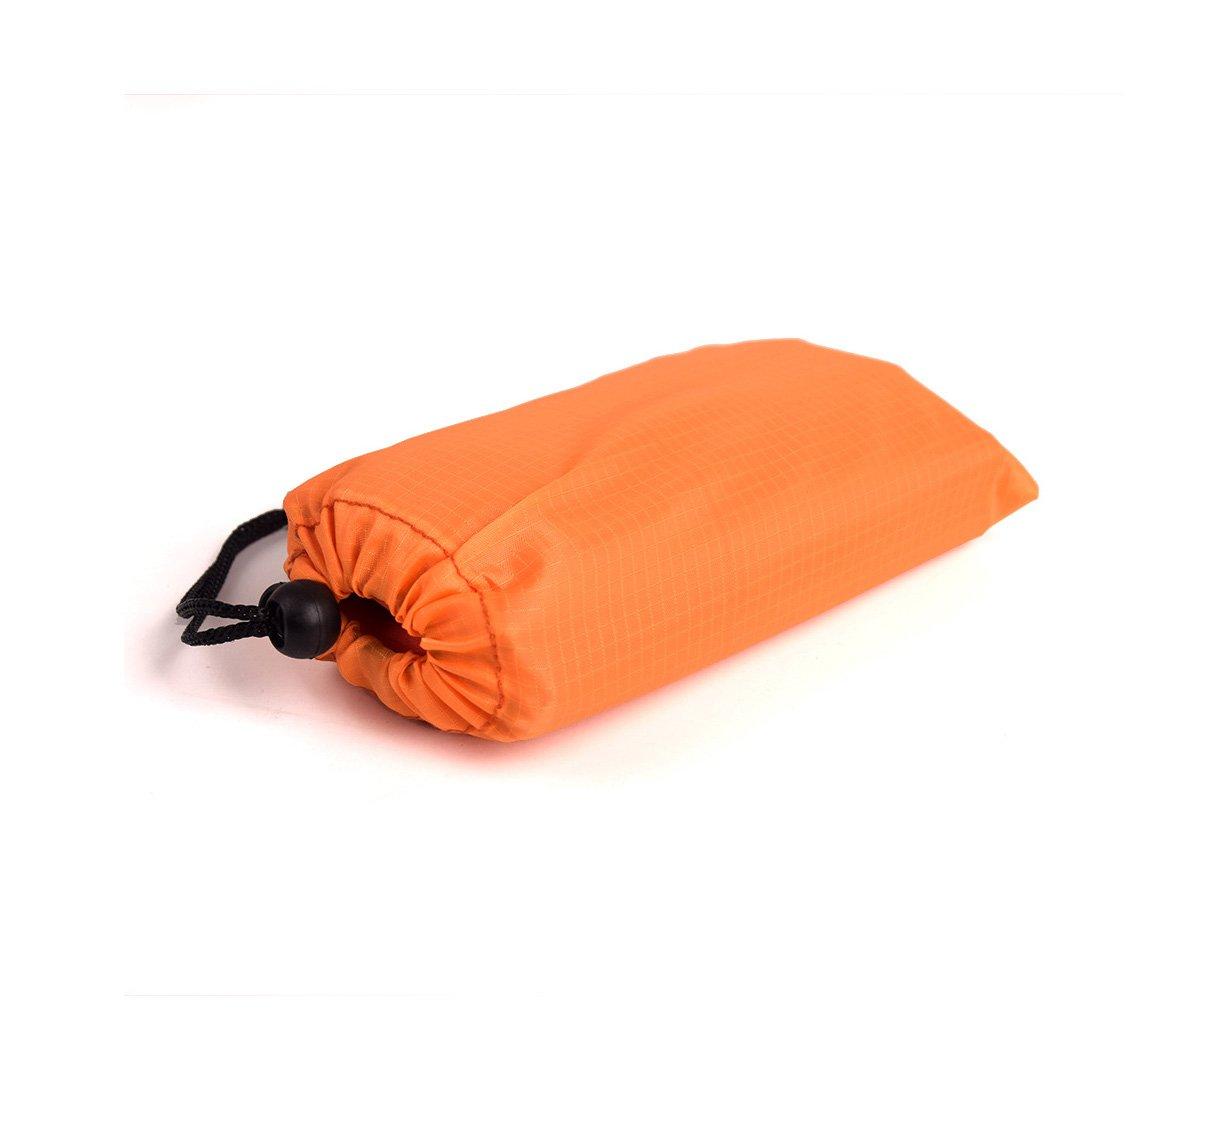 Wenosda Pocket Beach Blanket Tragbare Camping Gras Matte Wasserdicht mit Anker f/ür Outdoor-Reisen Wandern Picknick etc Orange, 140X200 cm // 55X78,7